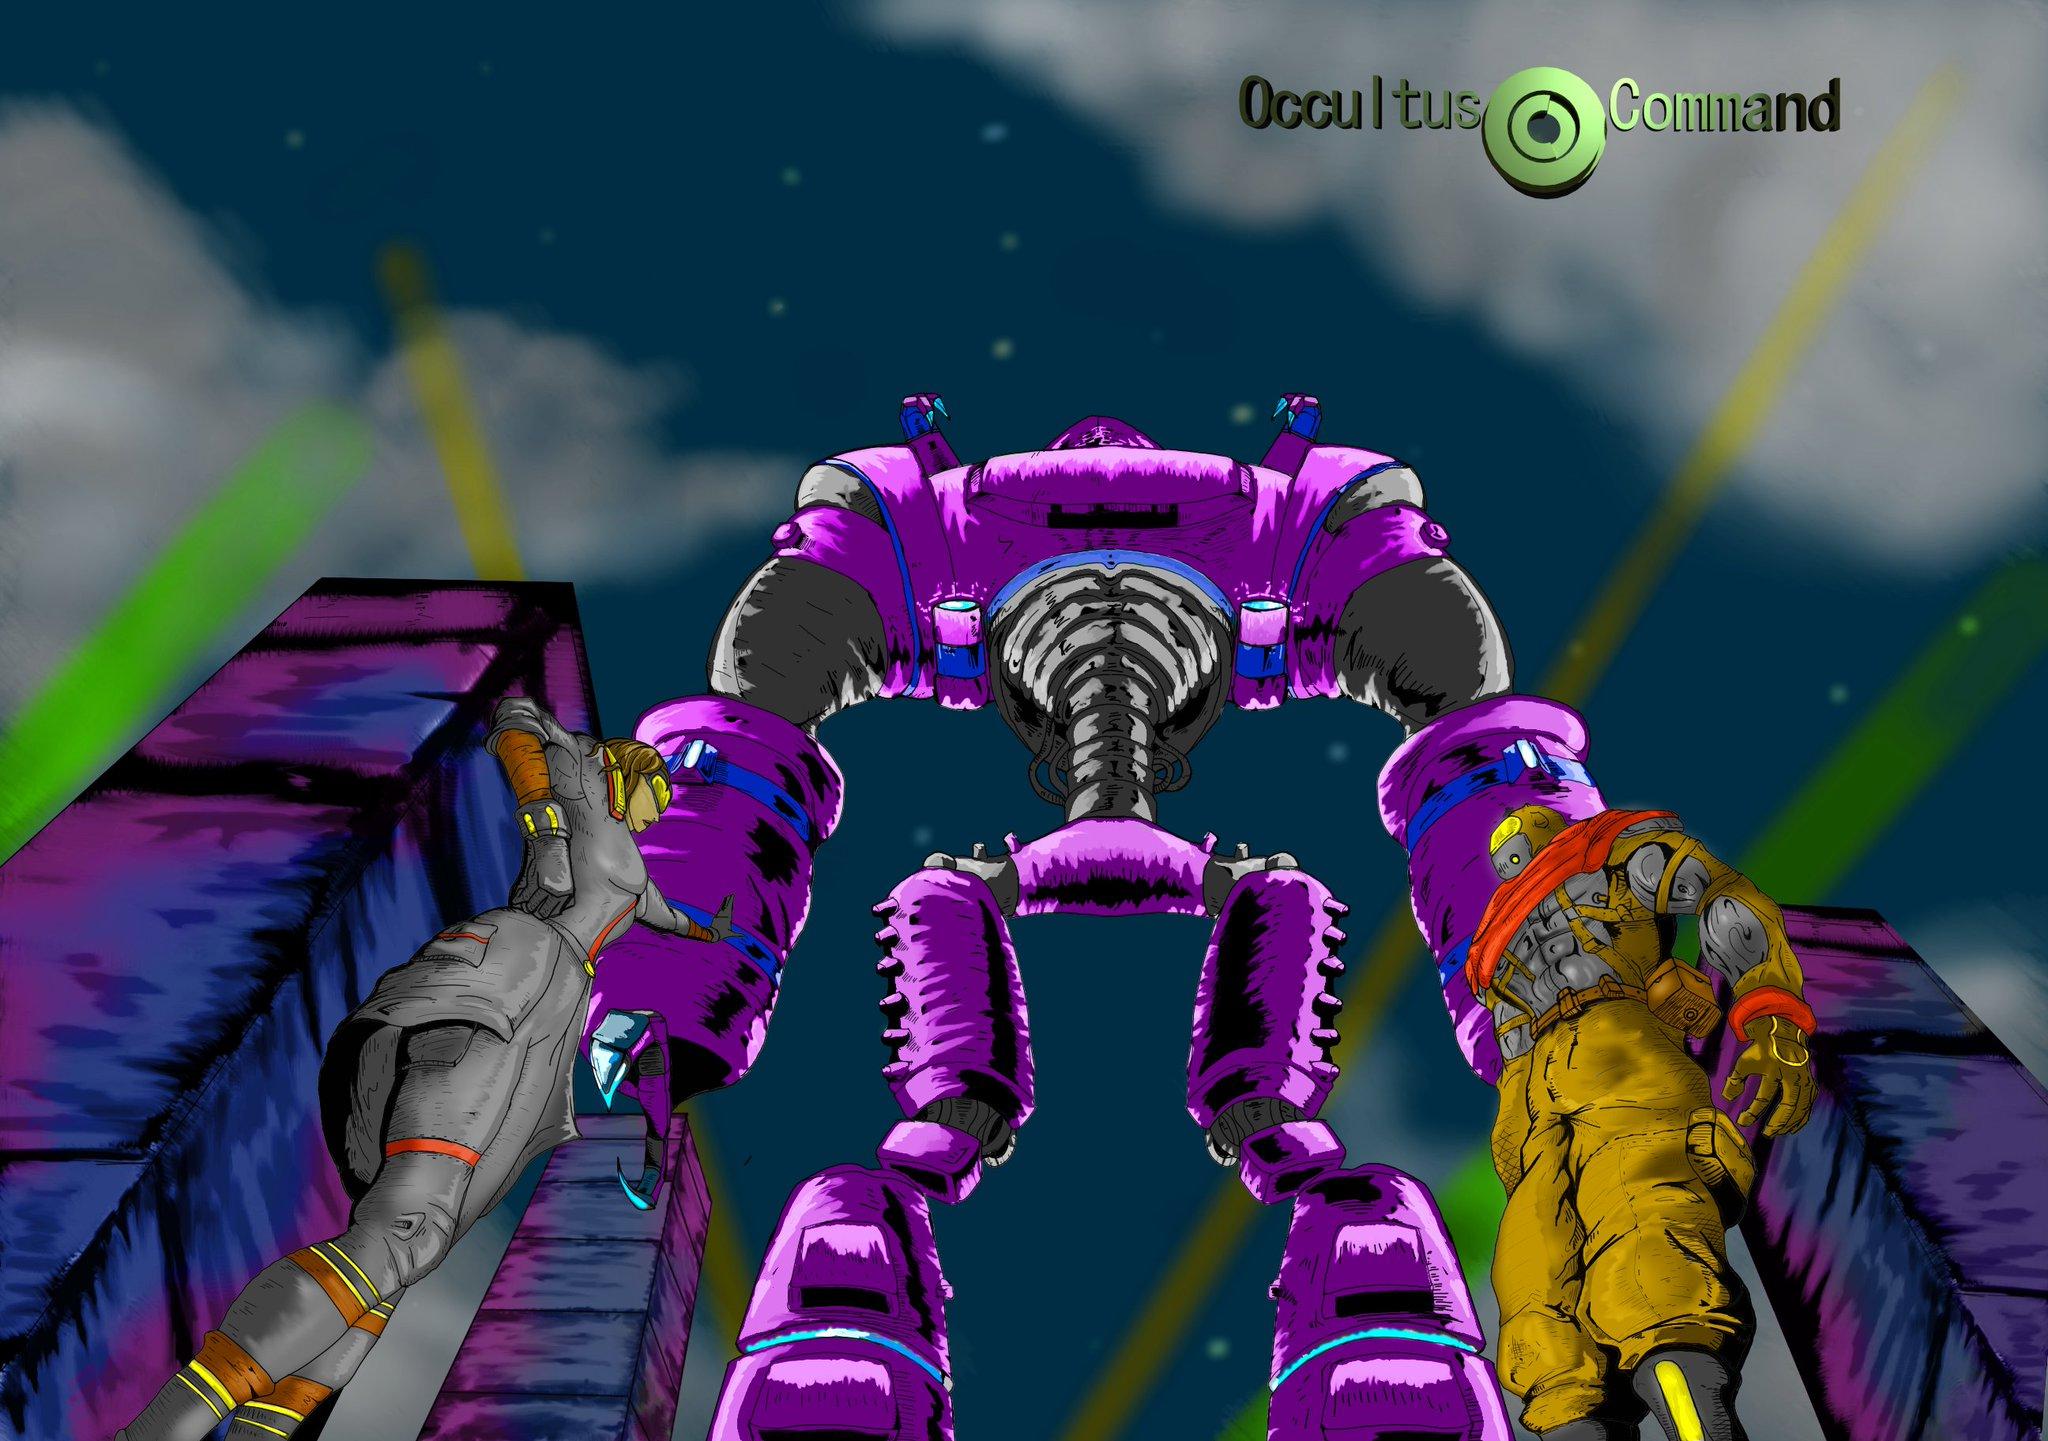 TeaKettle Robot